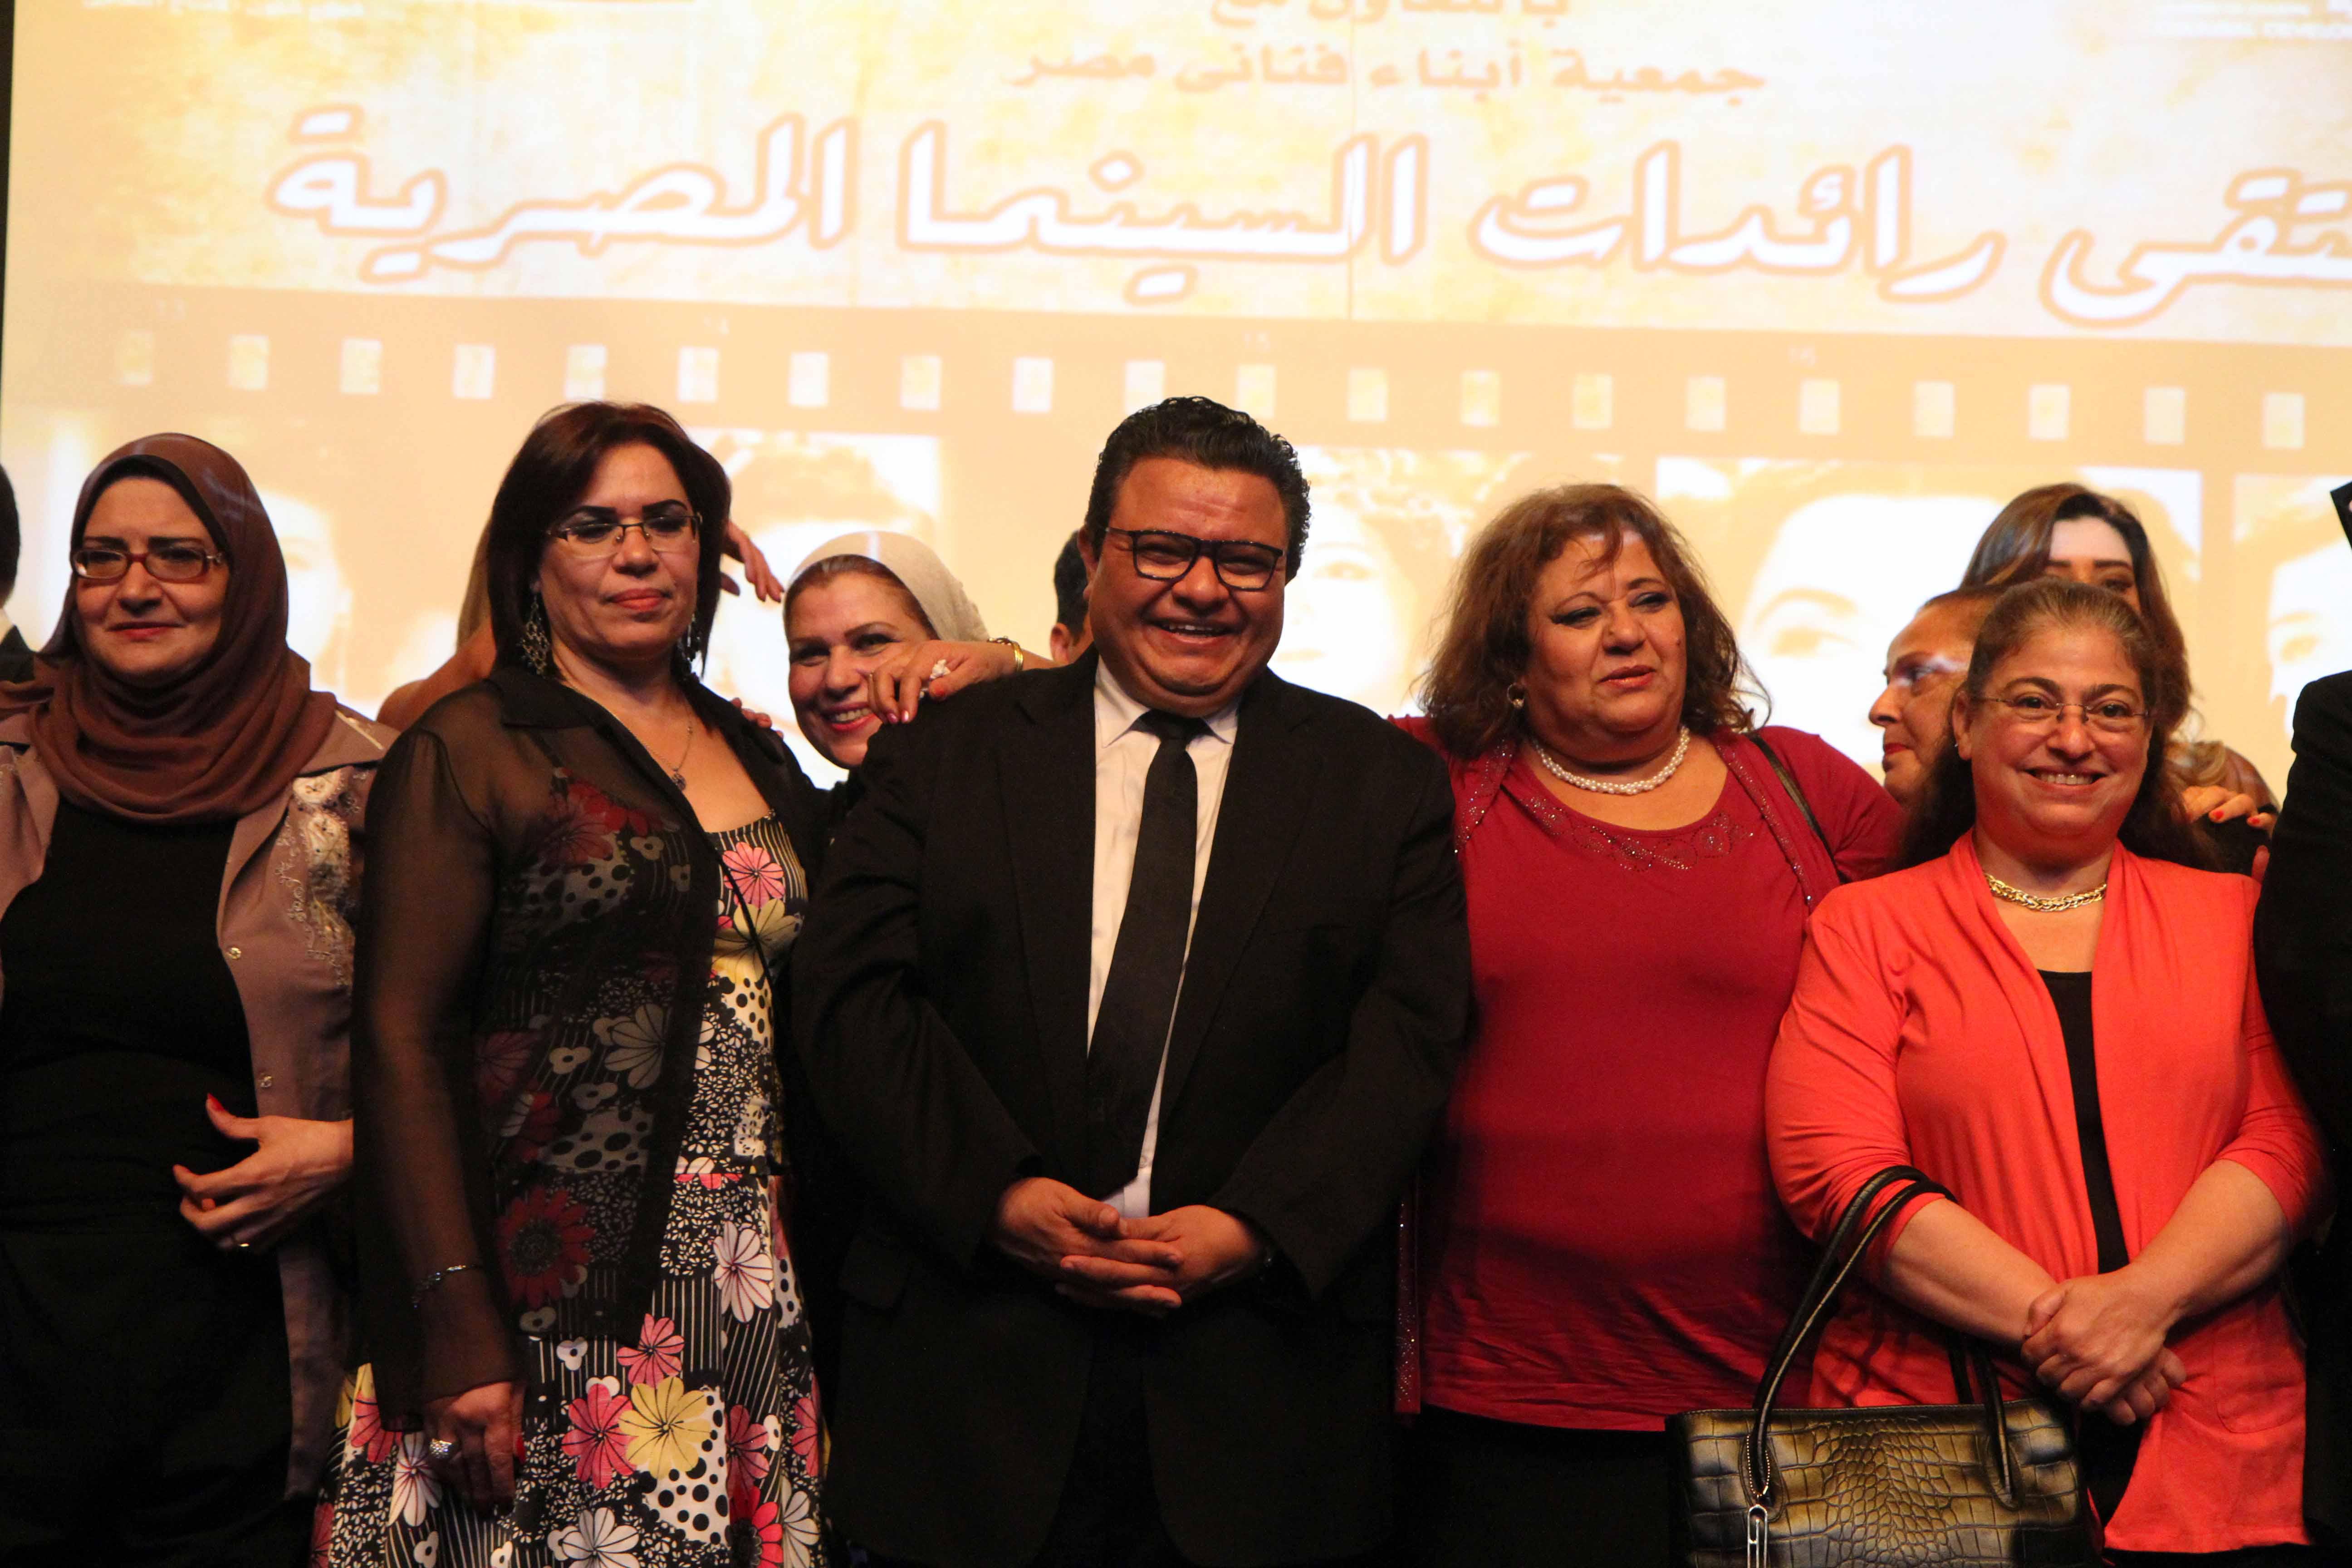 المخرج خالد جلال في افتتاح ملتقي رائدات السينما المصرية مع اعضاء جمعية ابناء فناني مصر سمية عبدالمنعم ابراهيم وايمان محمد شوقي